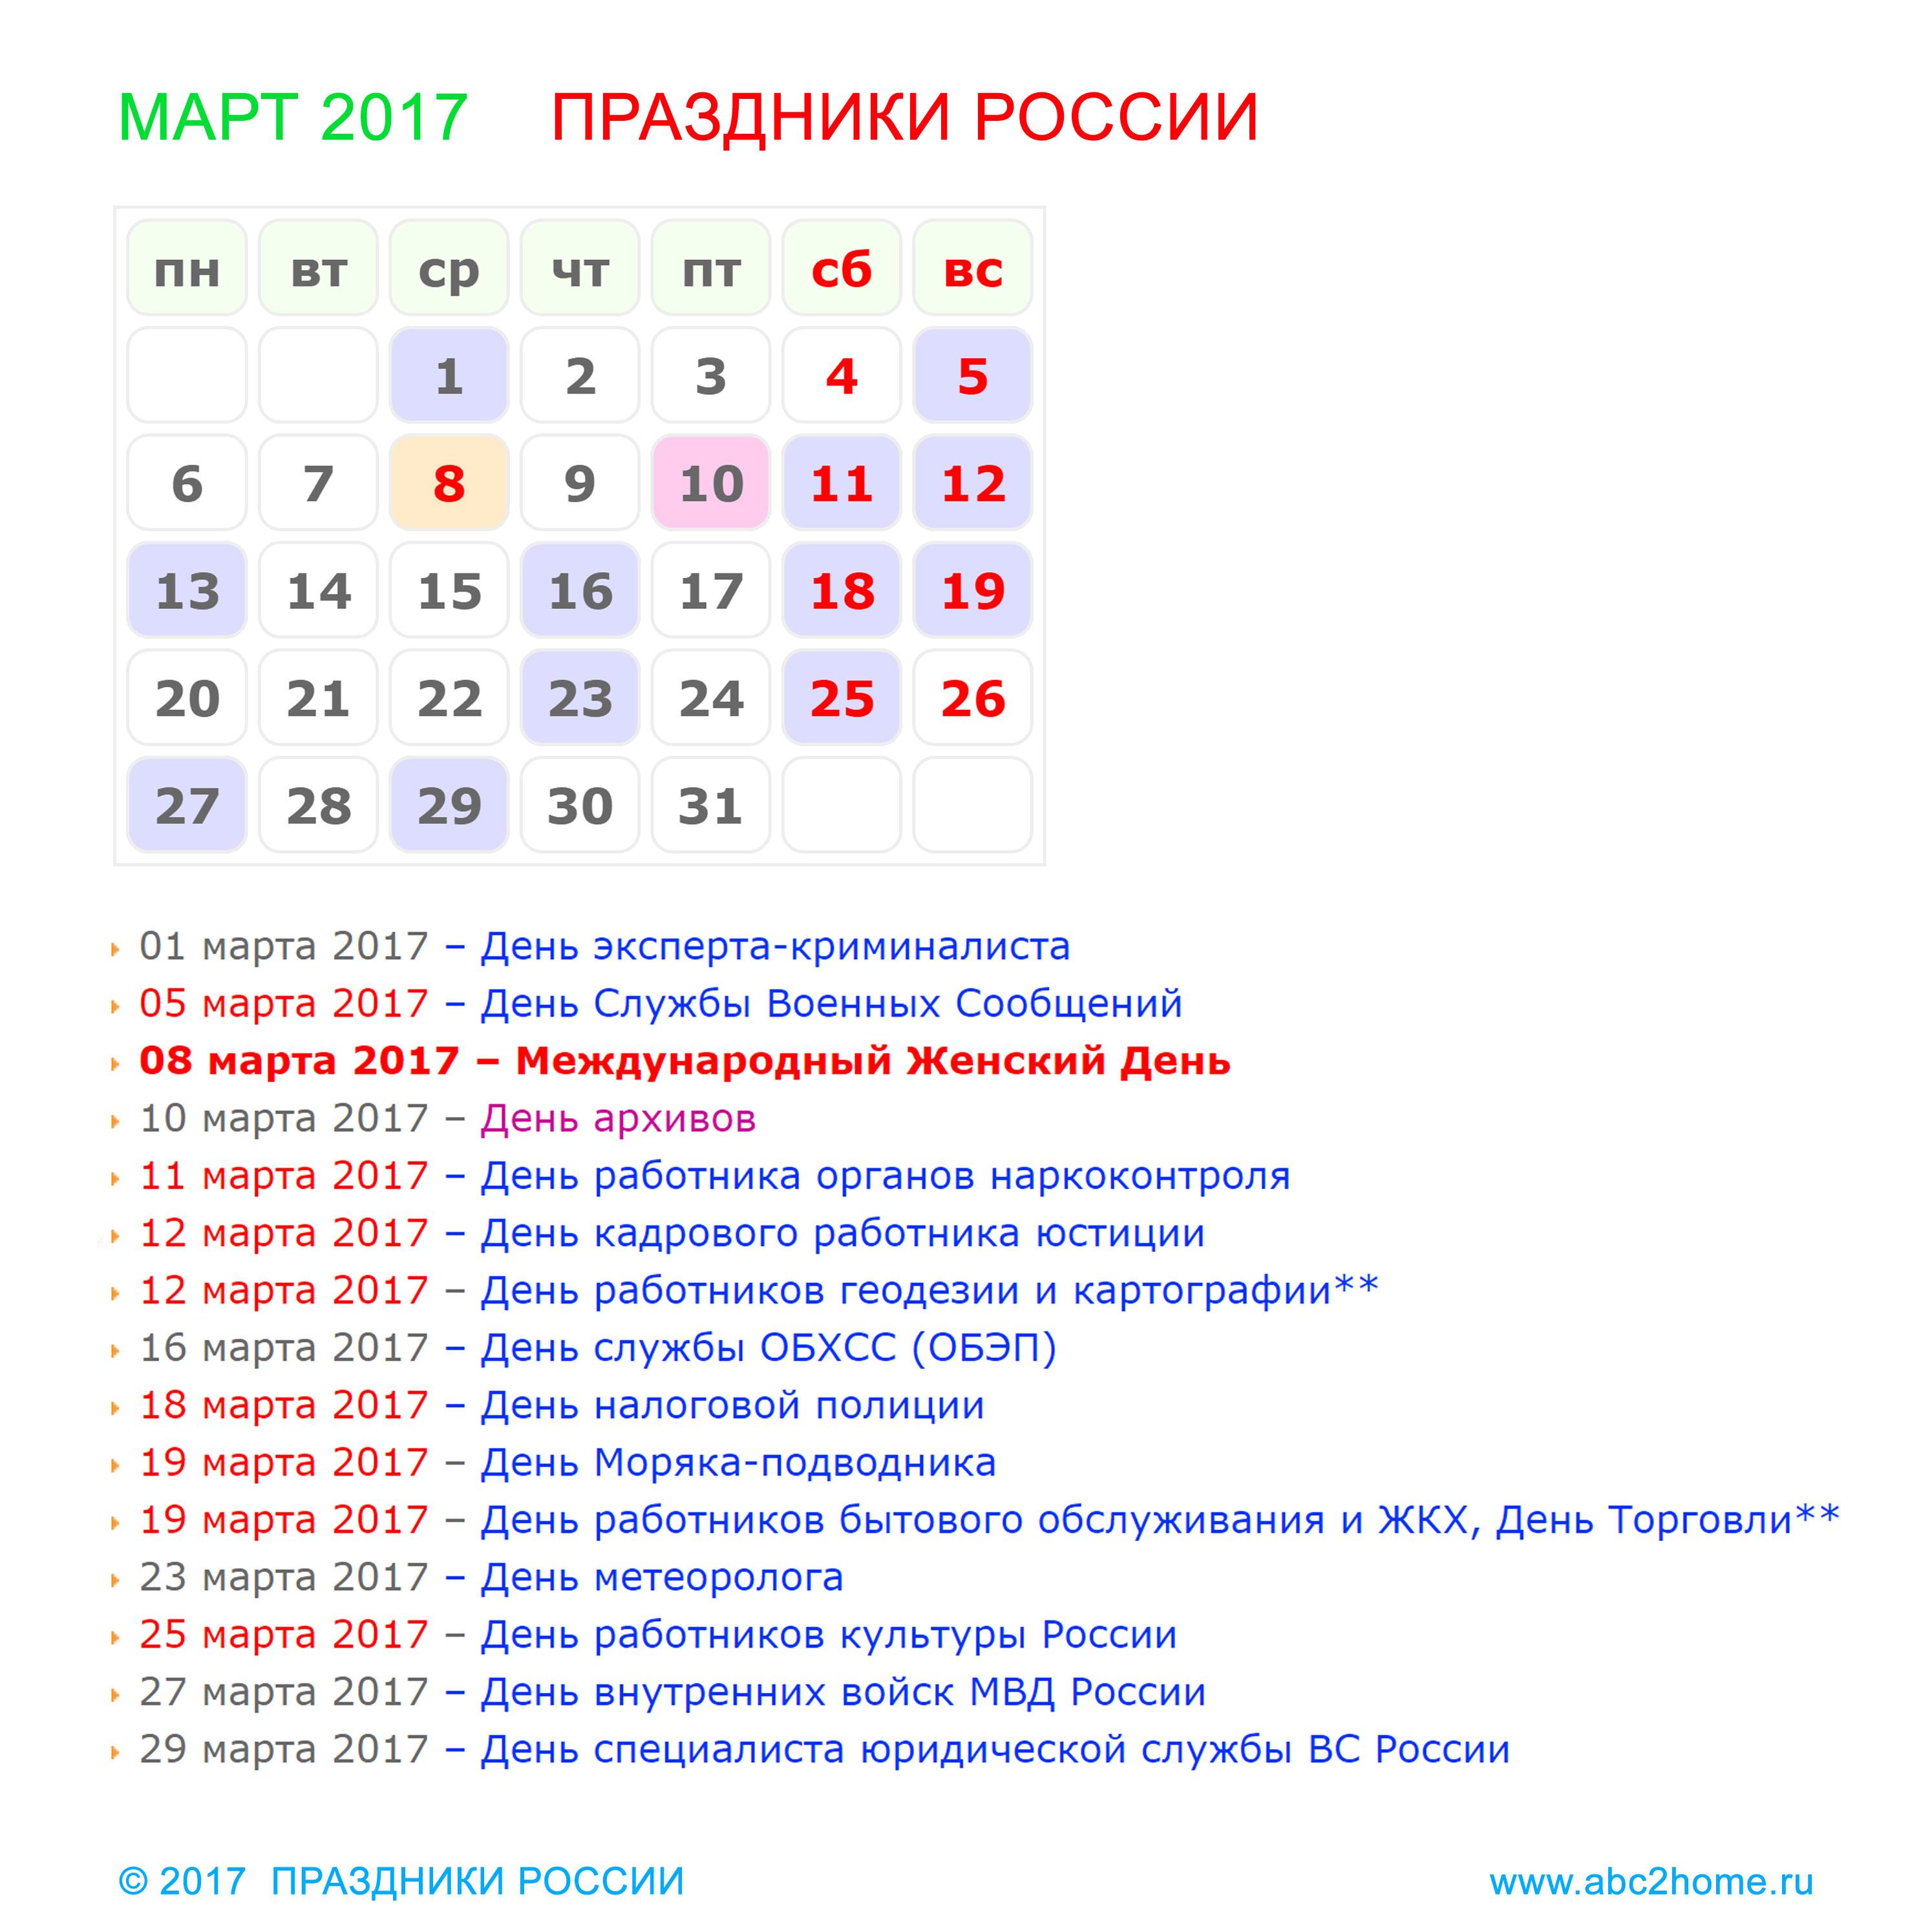 prazdniki_rossii_mart_2017.jpg